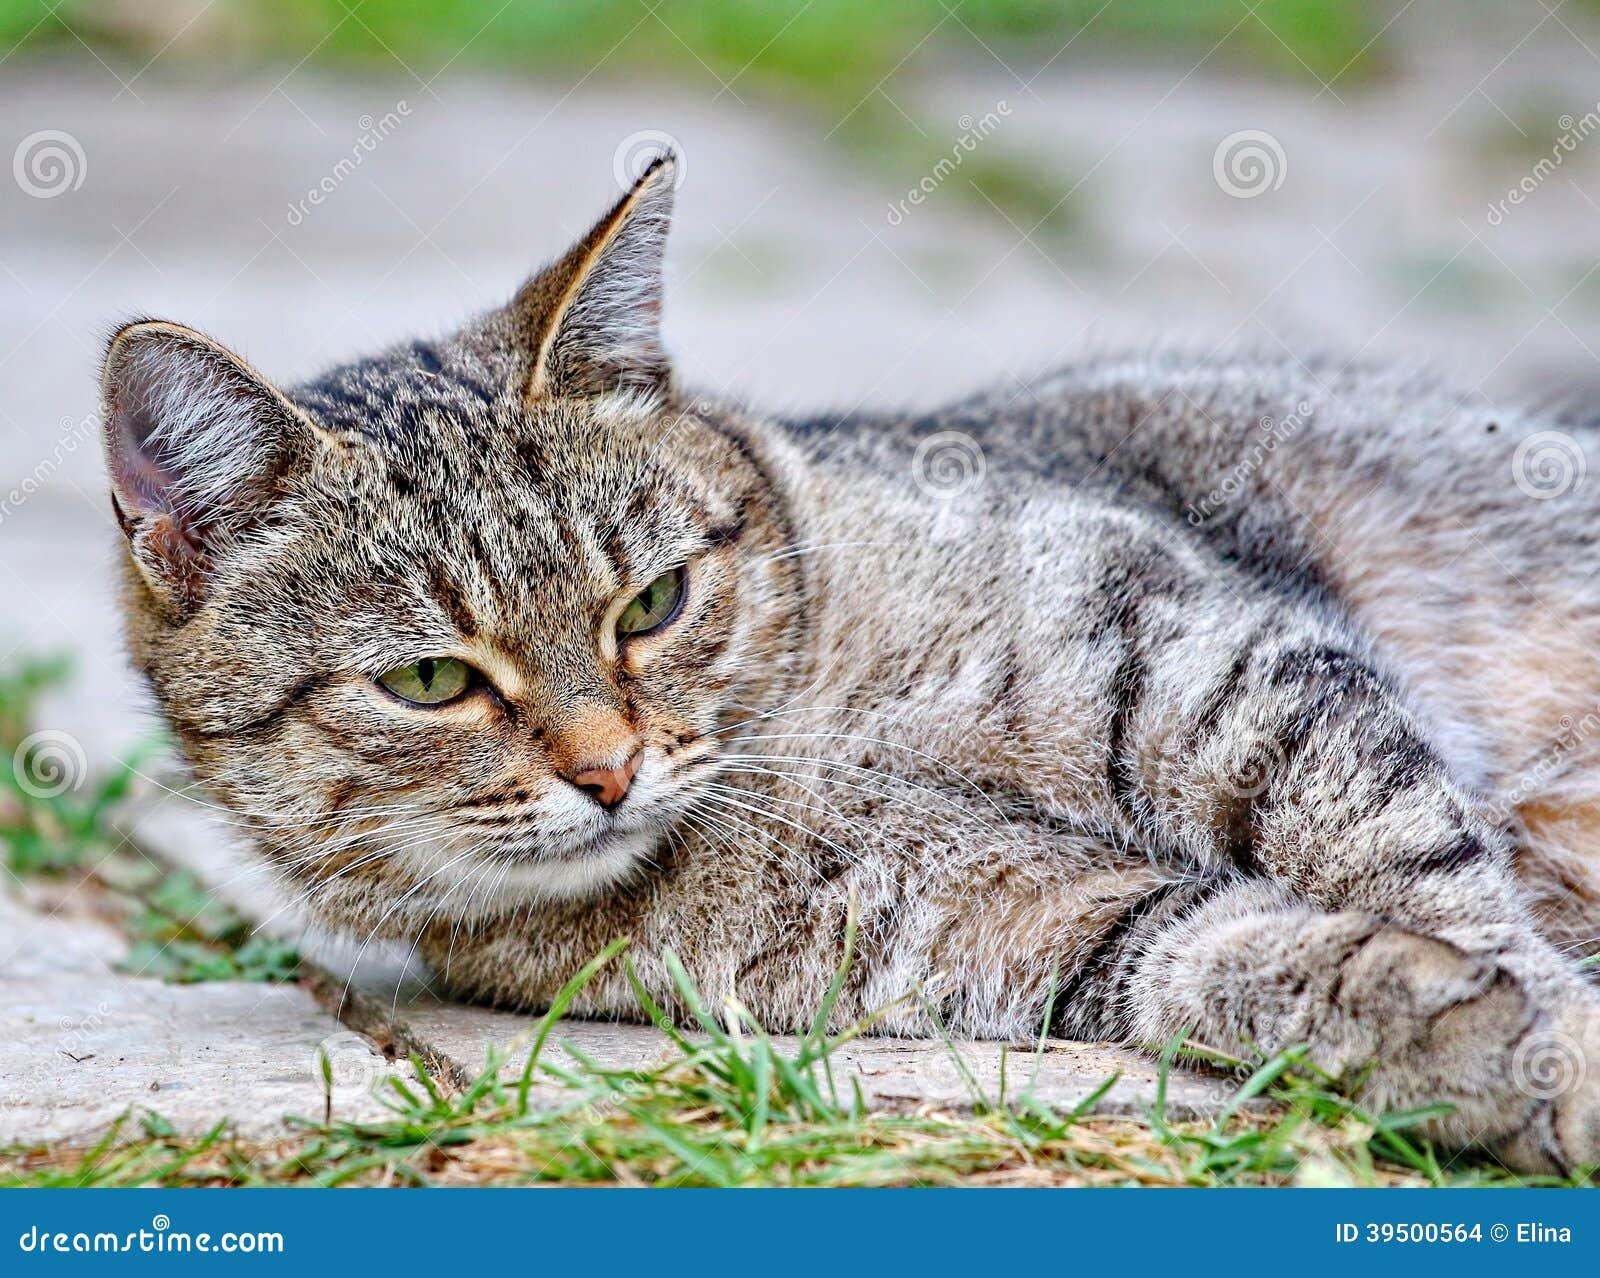 Cat lies on the floor outdoor